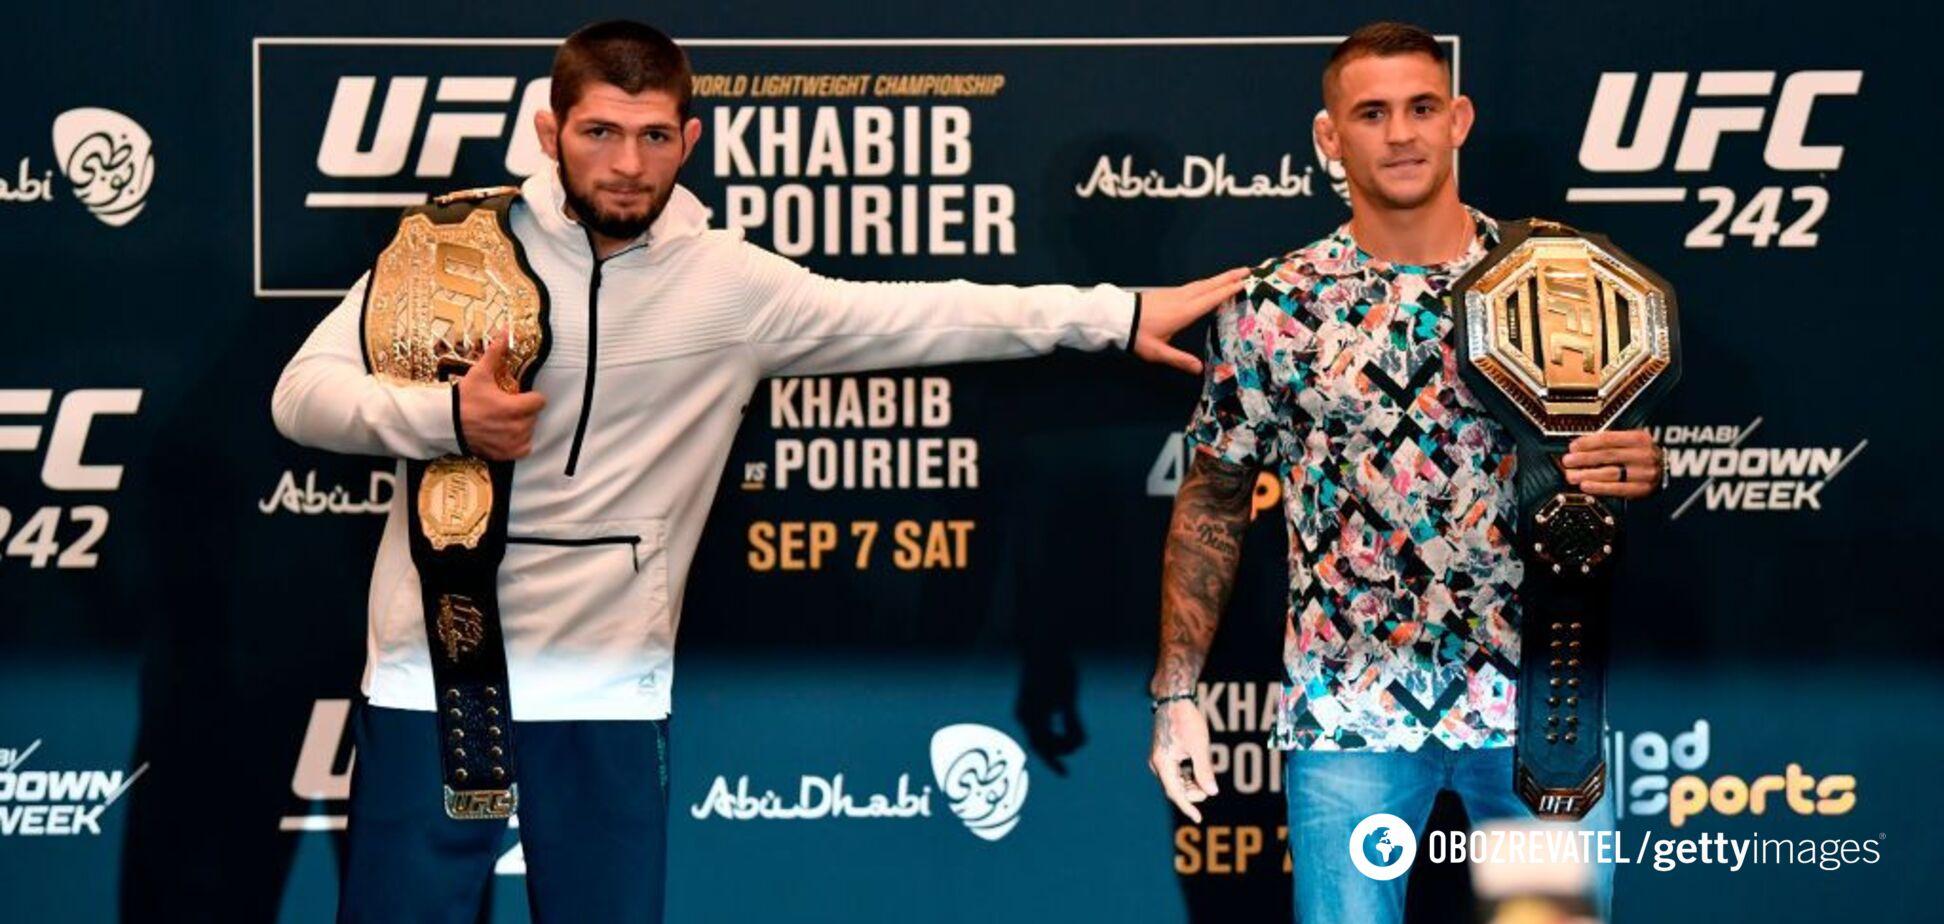 Бой начался! Хабиб – Порье: смотреть онлайн чемпионский бой UFC 242